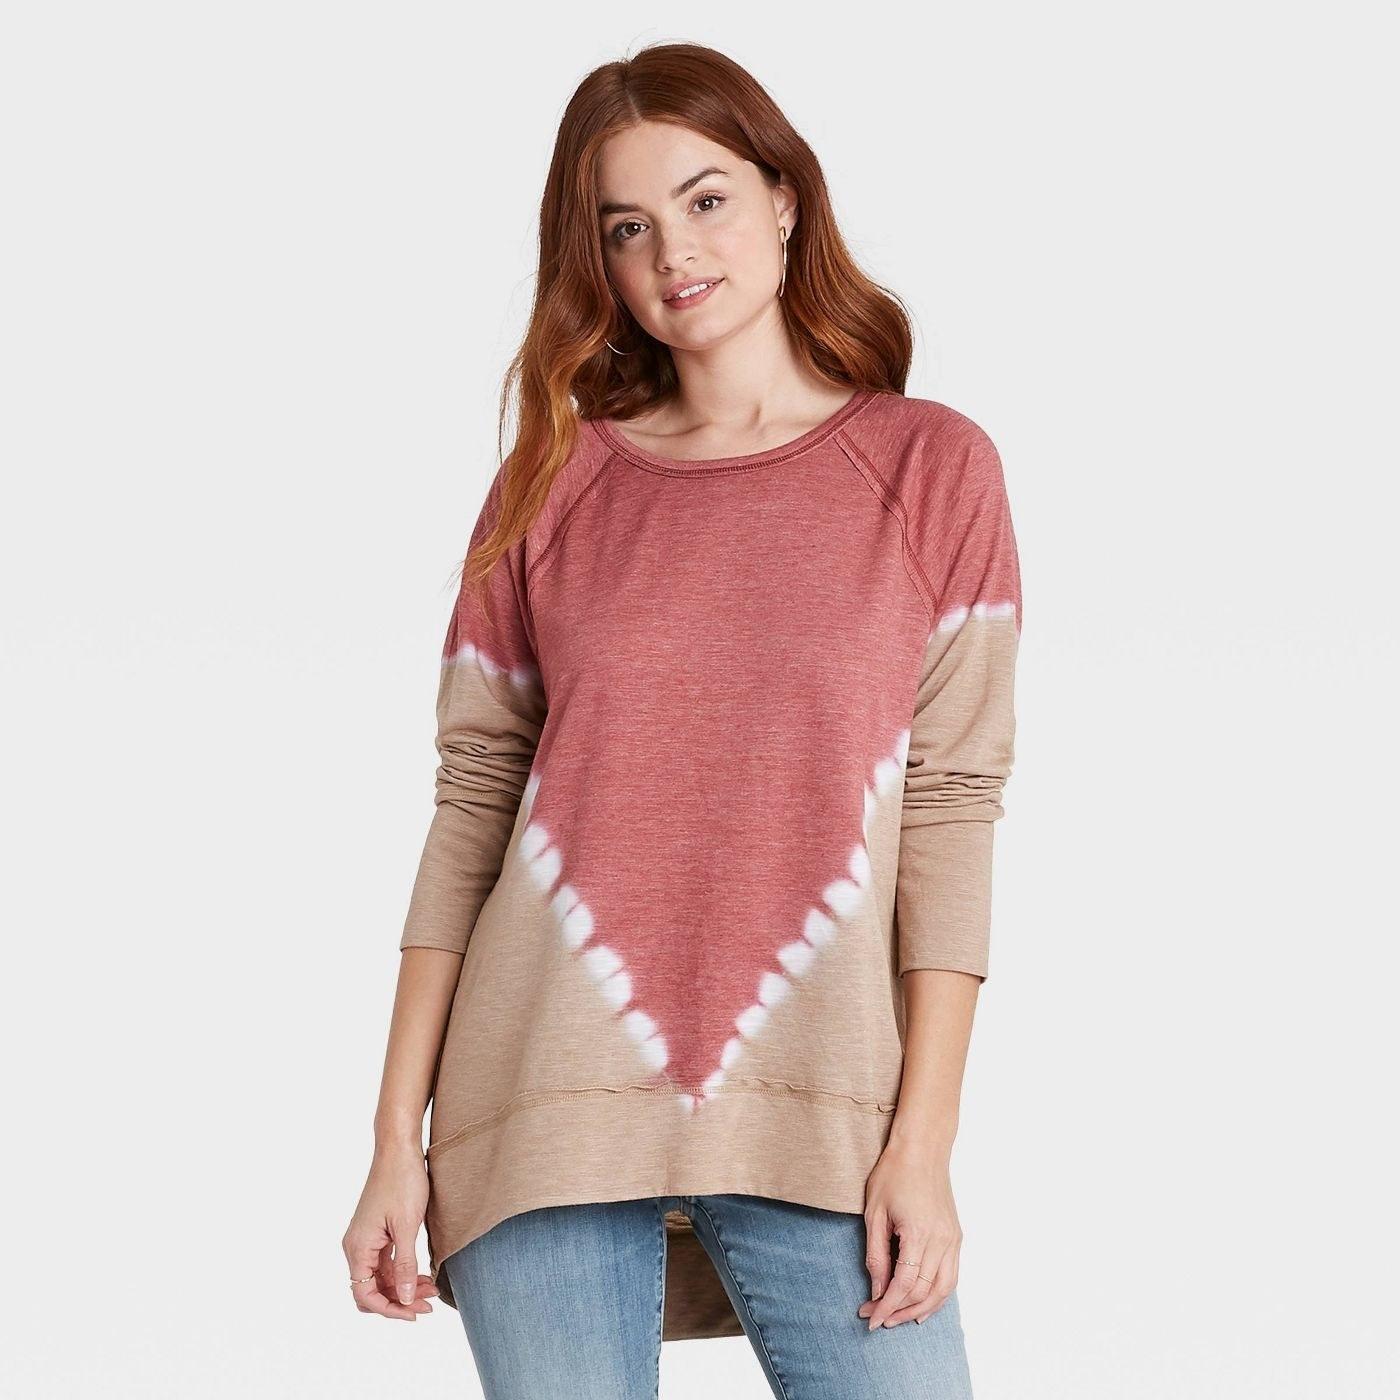 Model in tie-dye sweatshirt